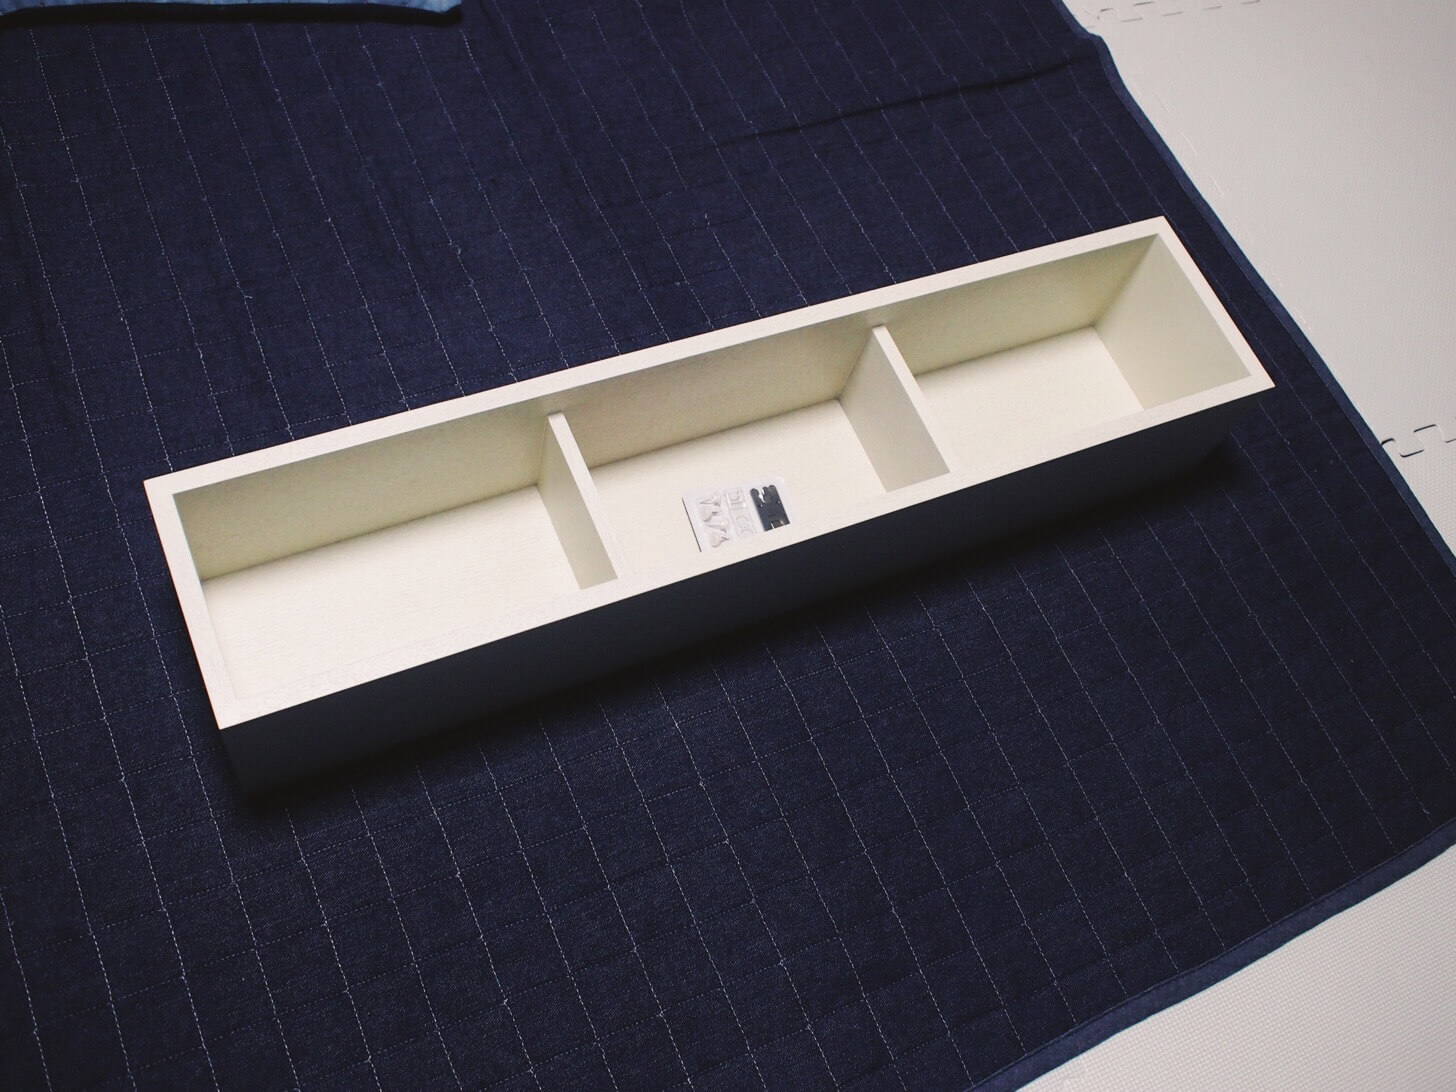 無印良品の壁に取り付けられる家具-2